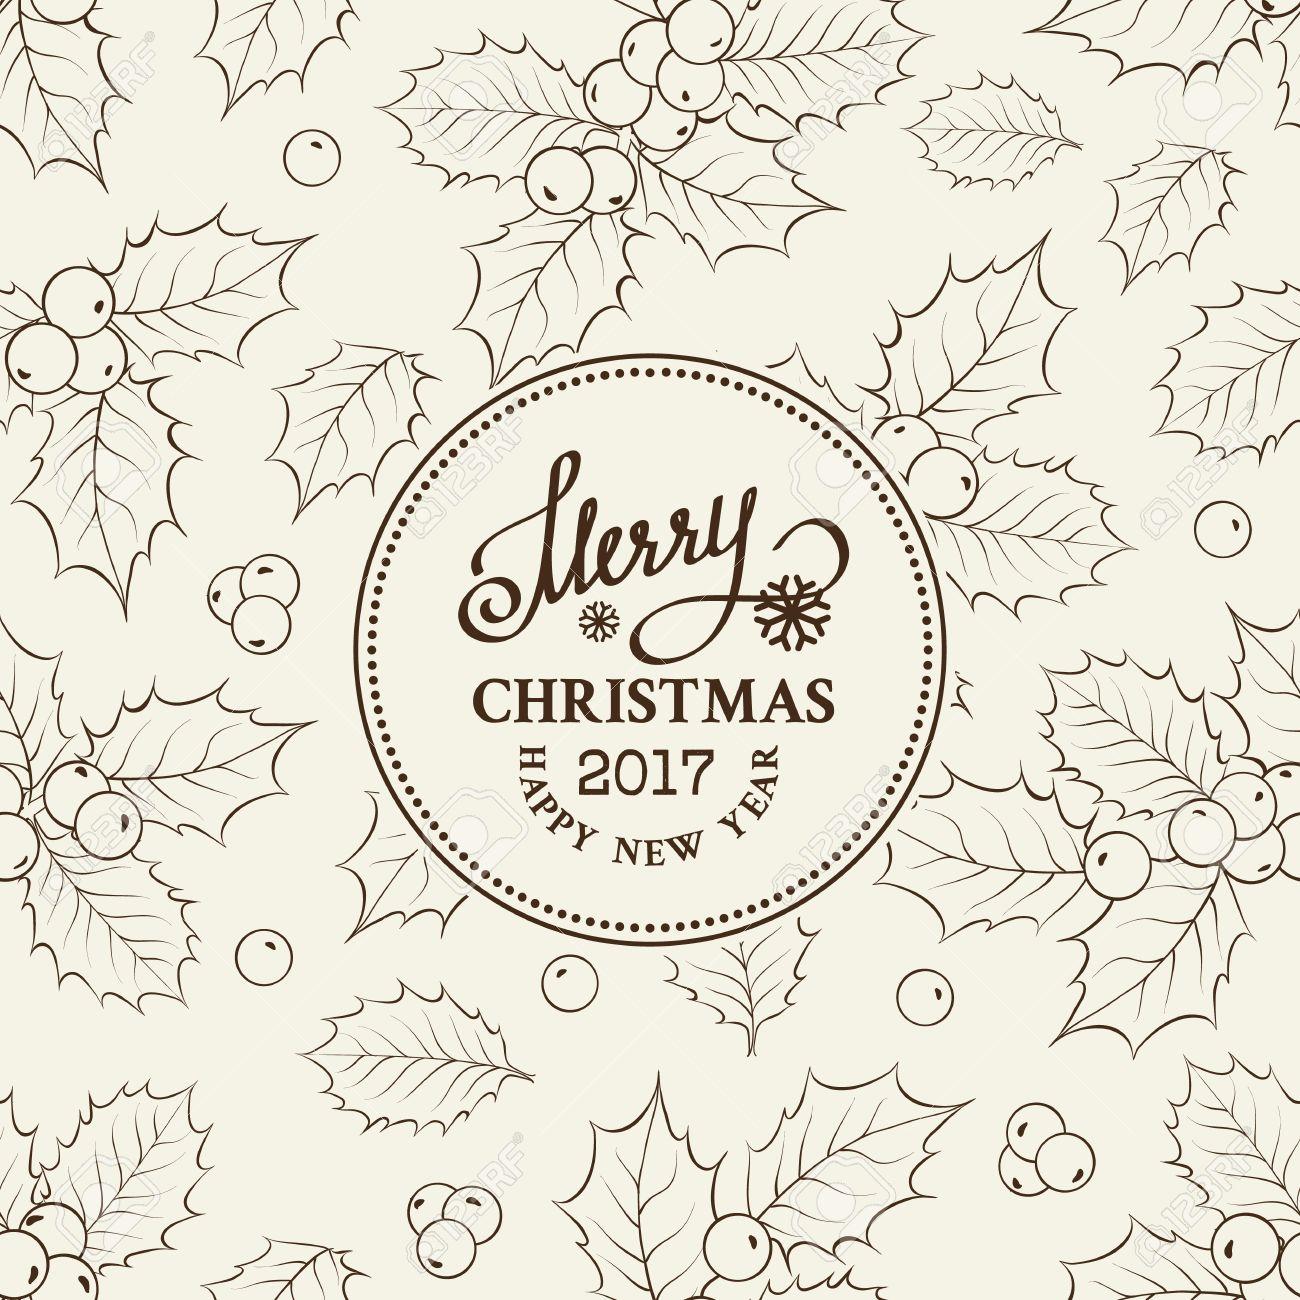 Dibujo De Línea De Muérdago De Navidad Sobre Marco De Círculo Con ...